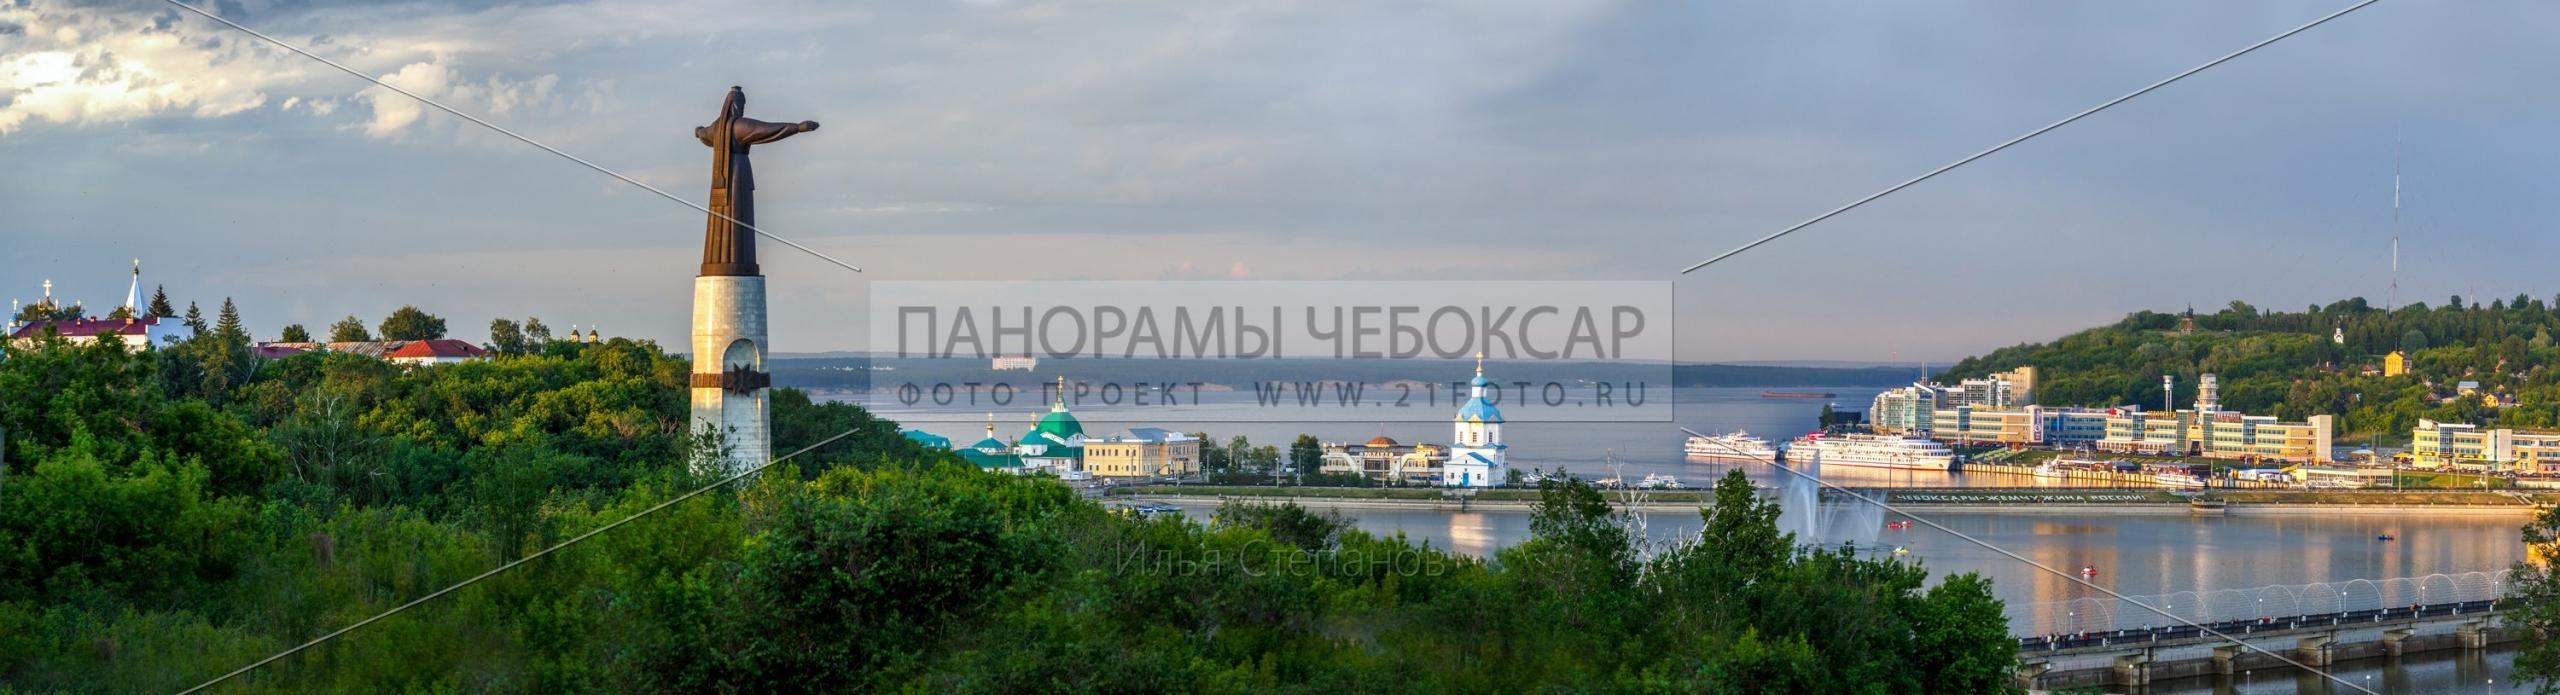 Чебоксарский залив летом 2016 Илья Степанов